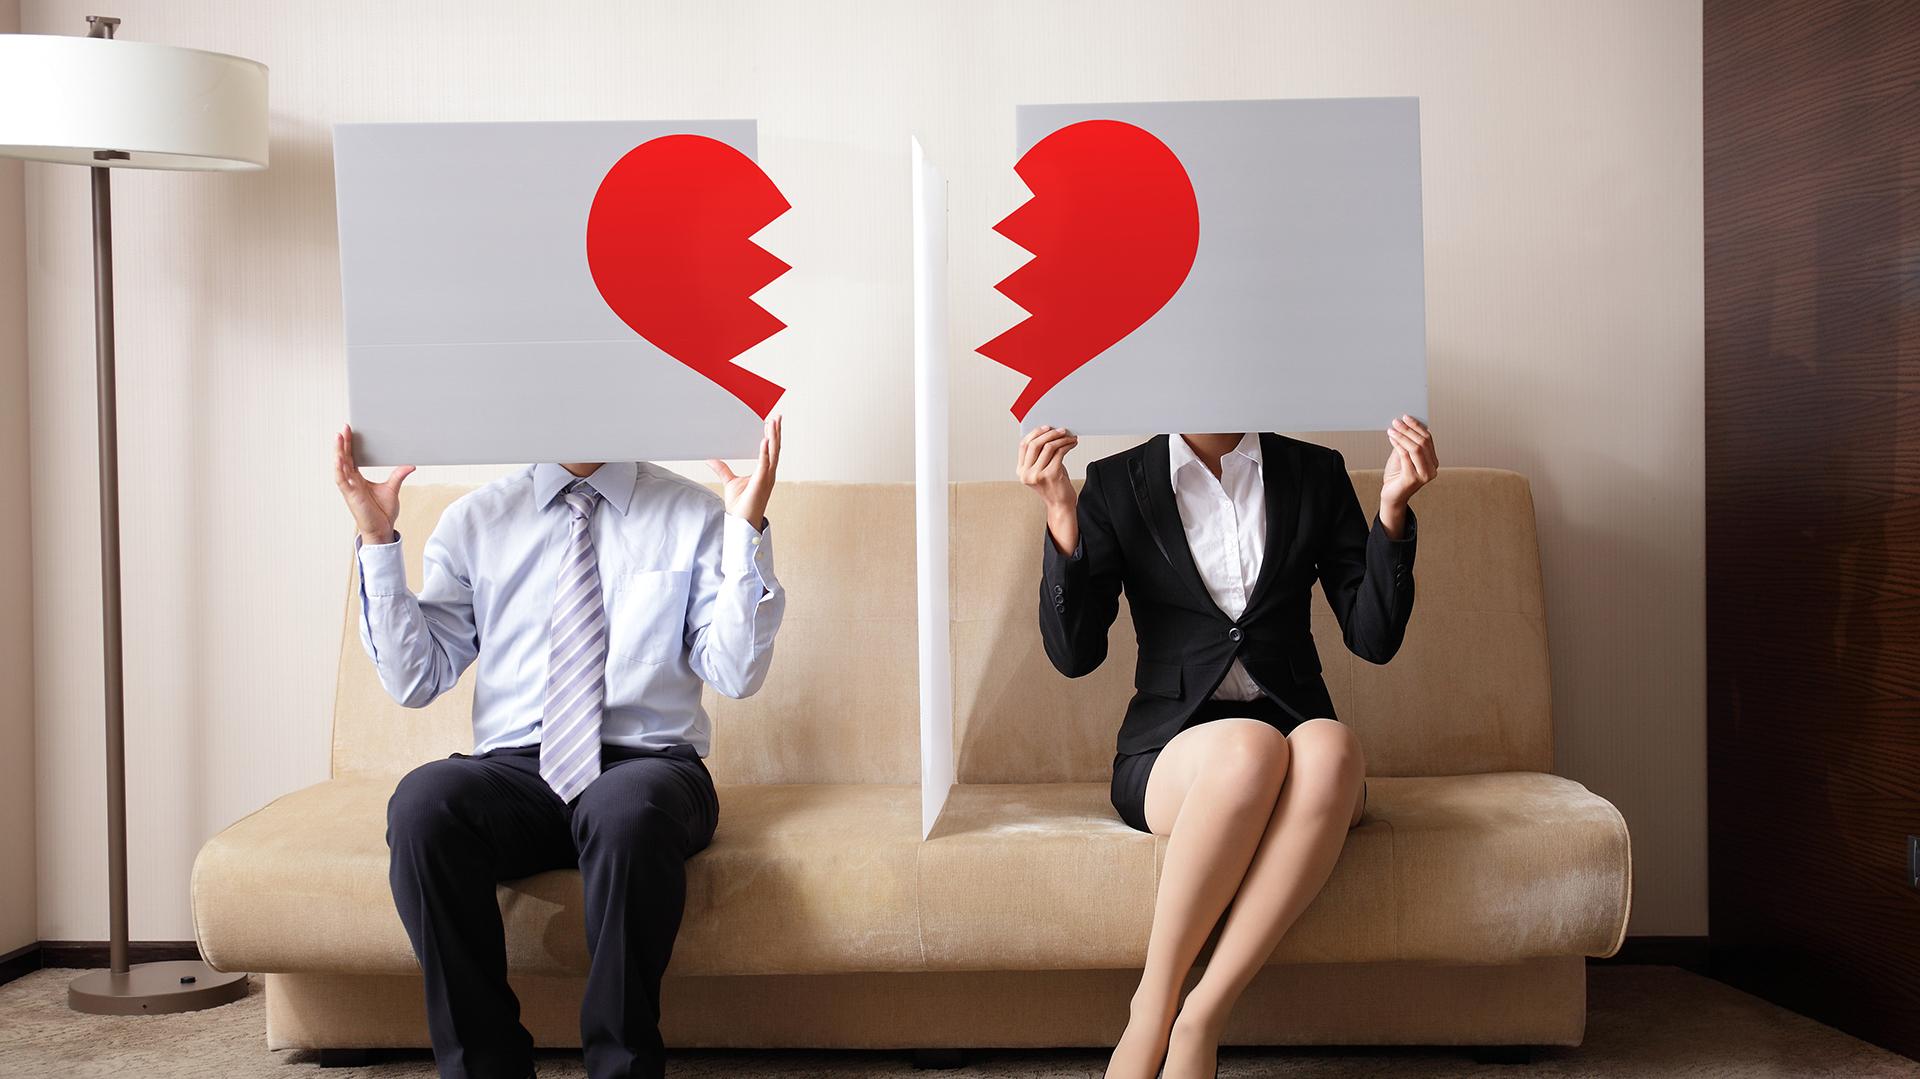 Las figuras públicas sienten la necesidad de comunicar su divorcio y demás ocasiones en las redes sociales (Shutterstock)